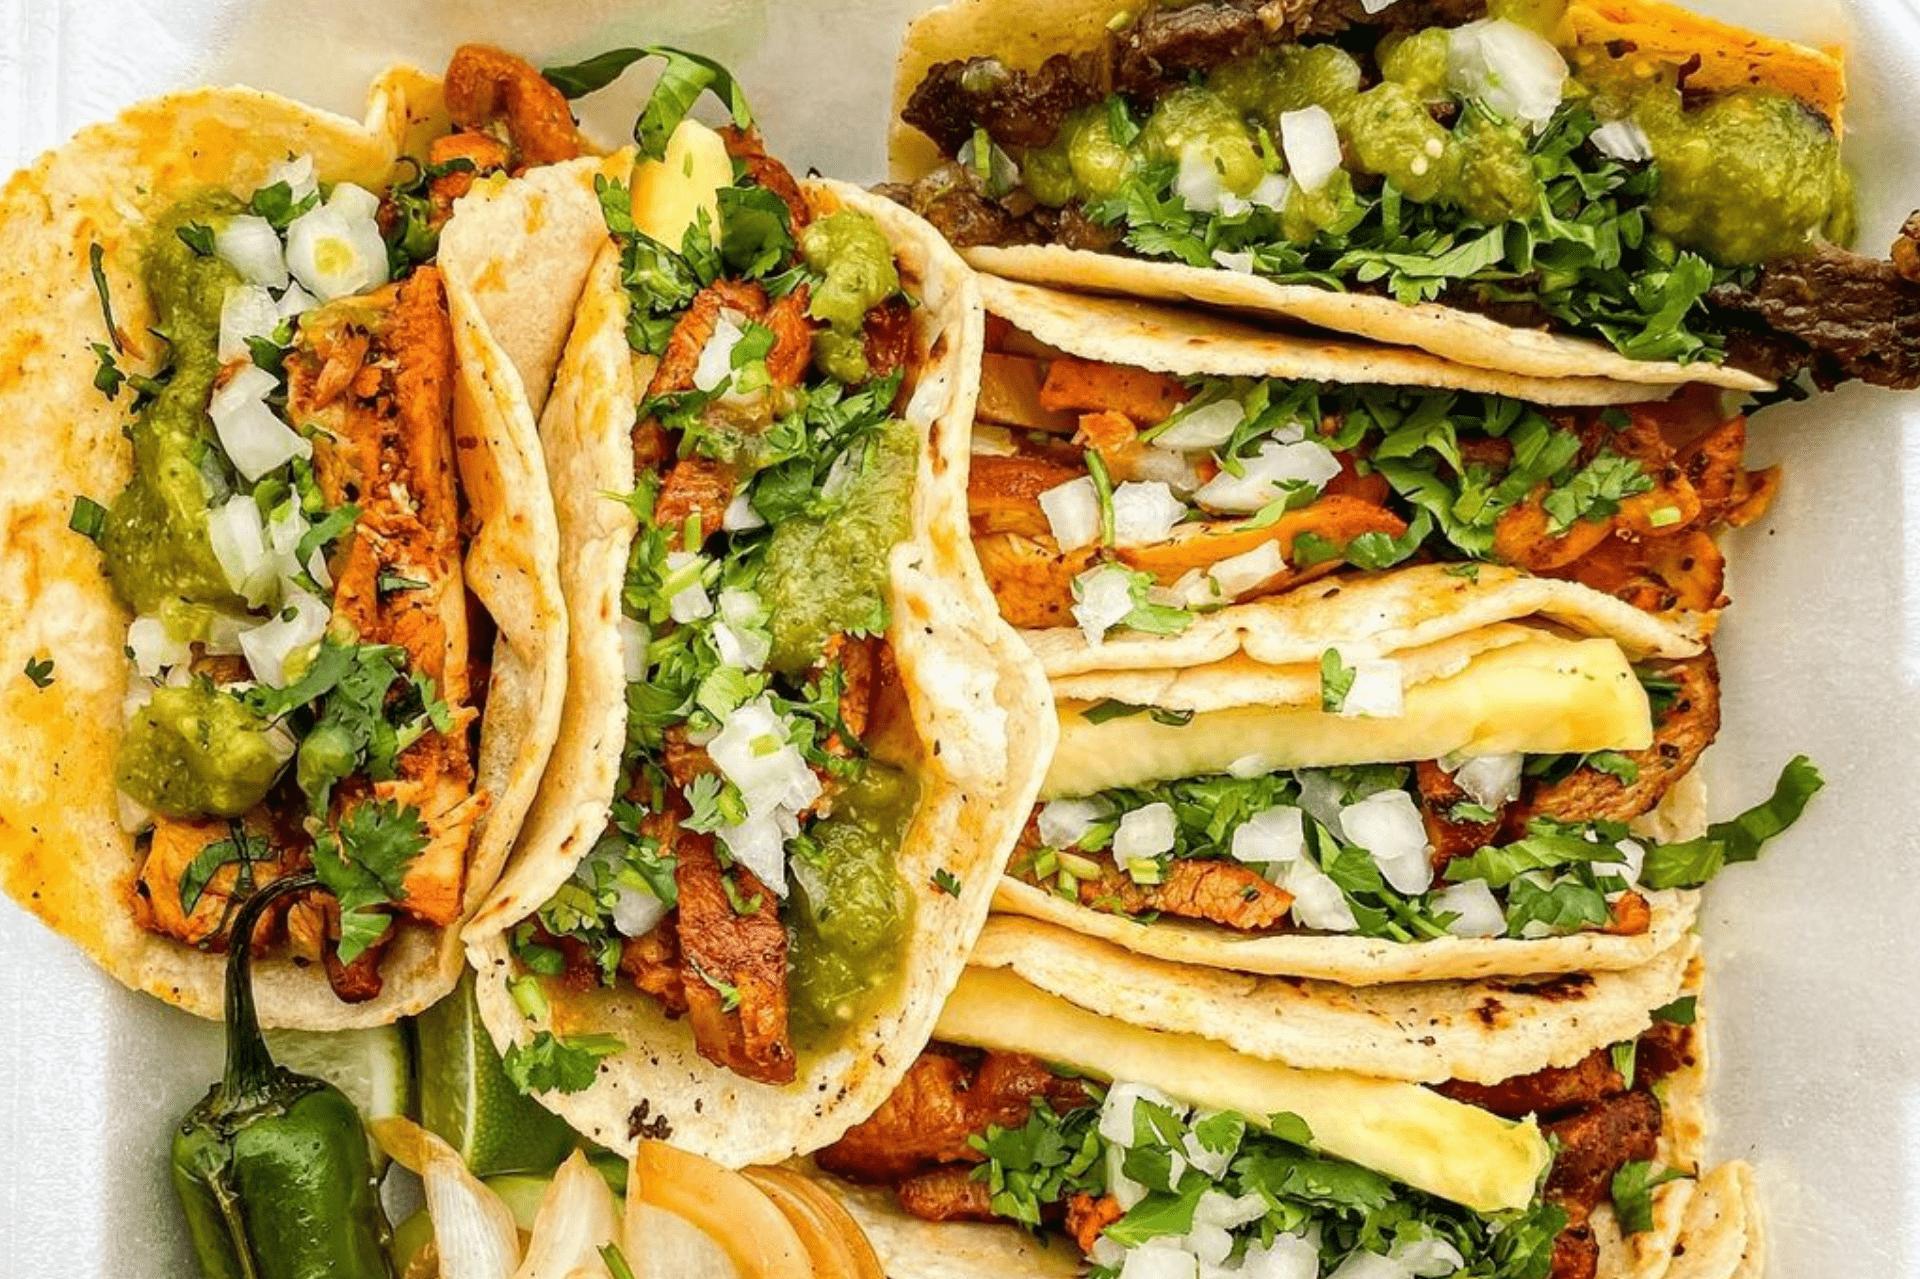 Gym tacos